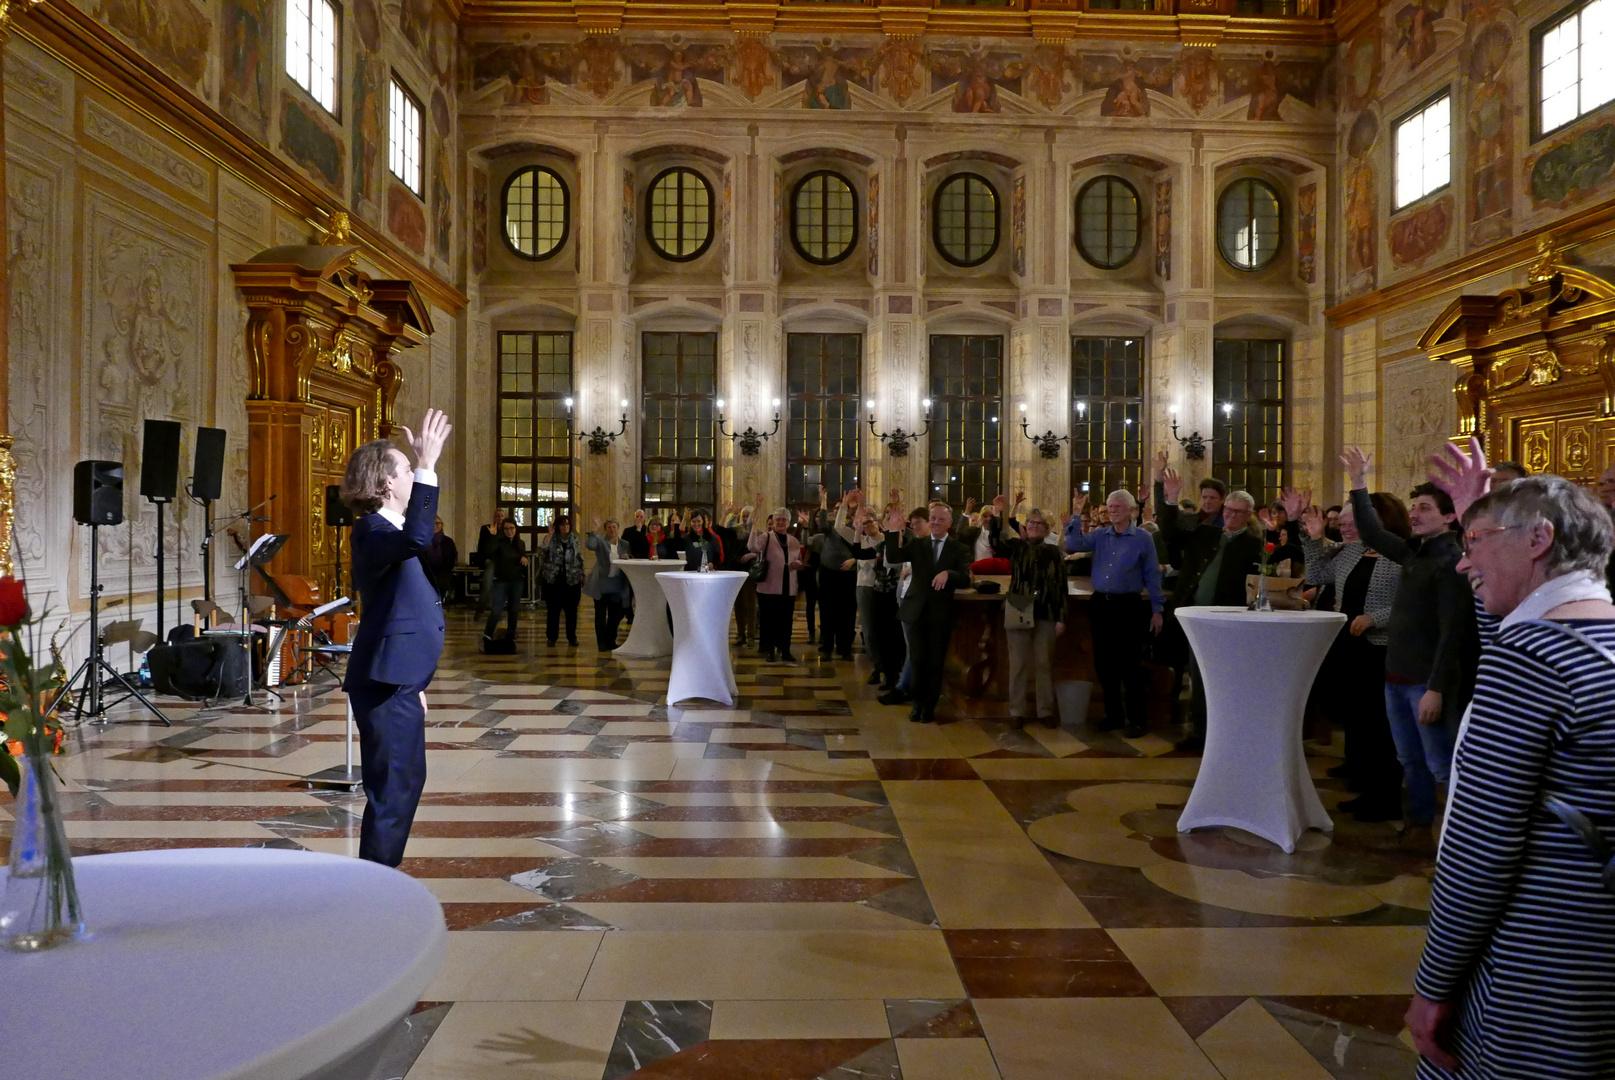 SymPaten-Dankeschönfest im Goldenen Saal des Augsburger Rathauses 05.12.2018 - Foto: Christoph Urban